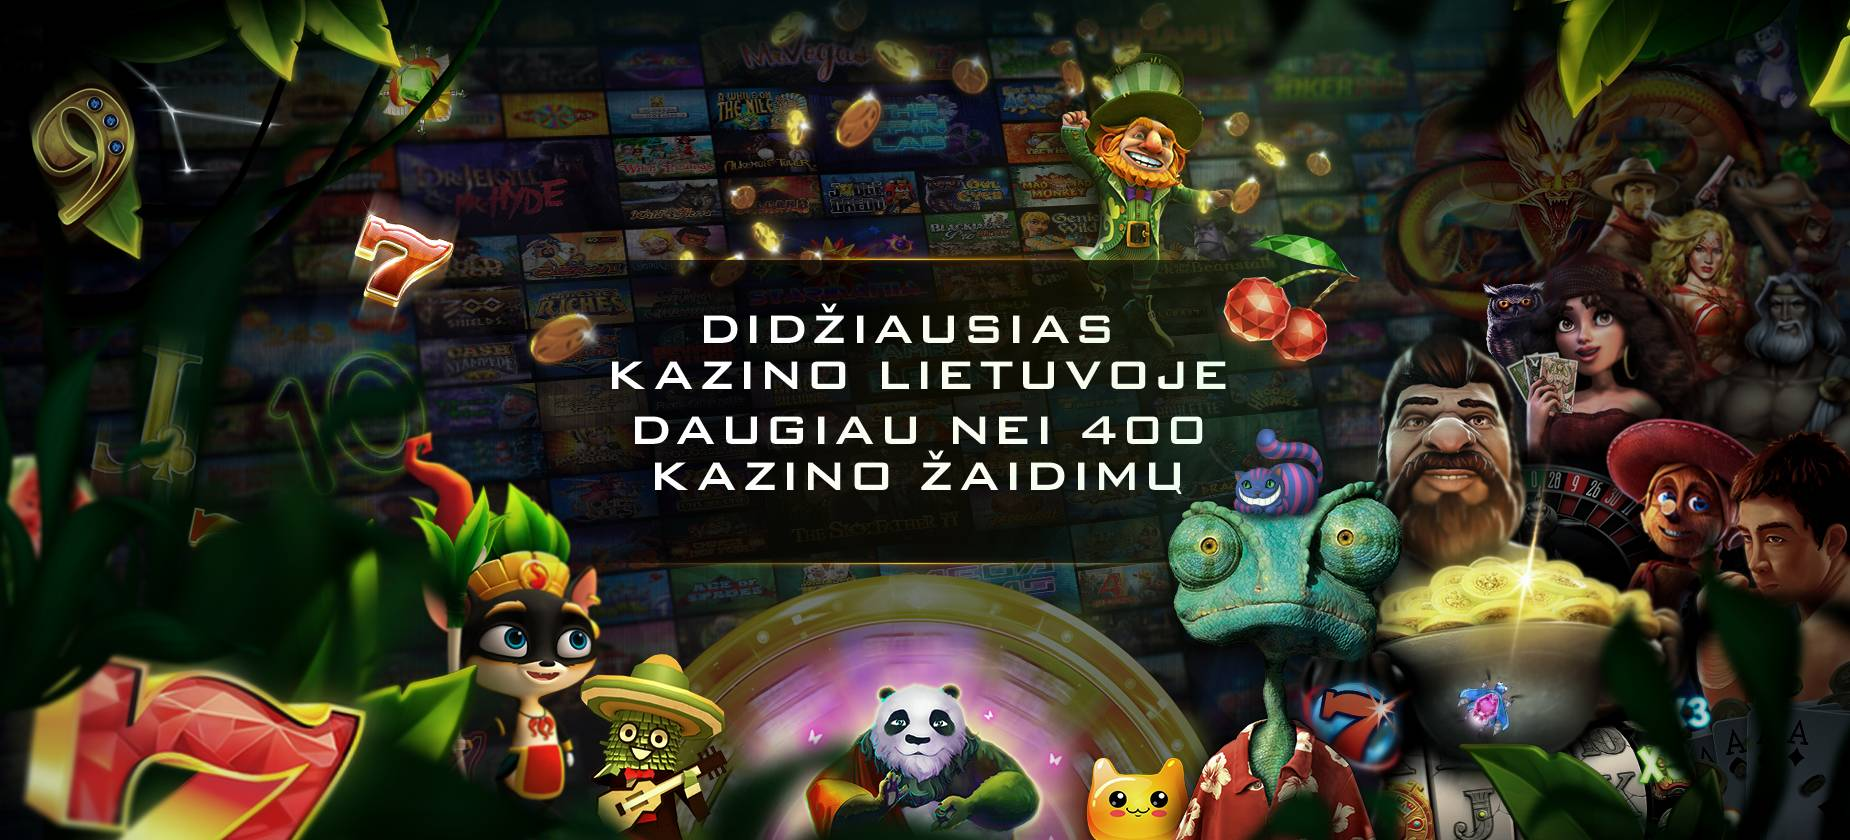 Didžiausias Kazino Lietuvoje Daugiau Nei 400 Žaidimų